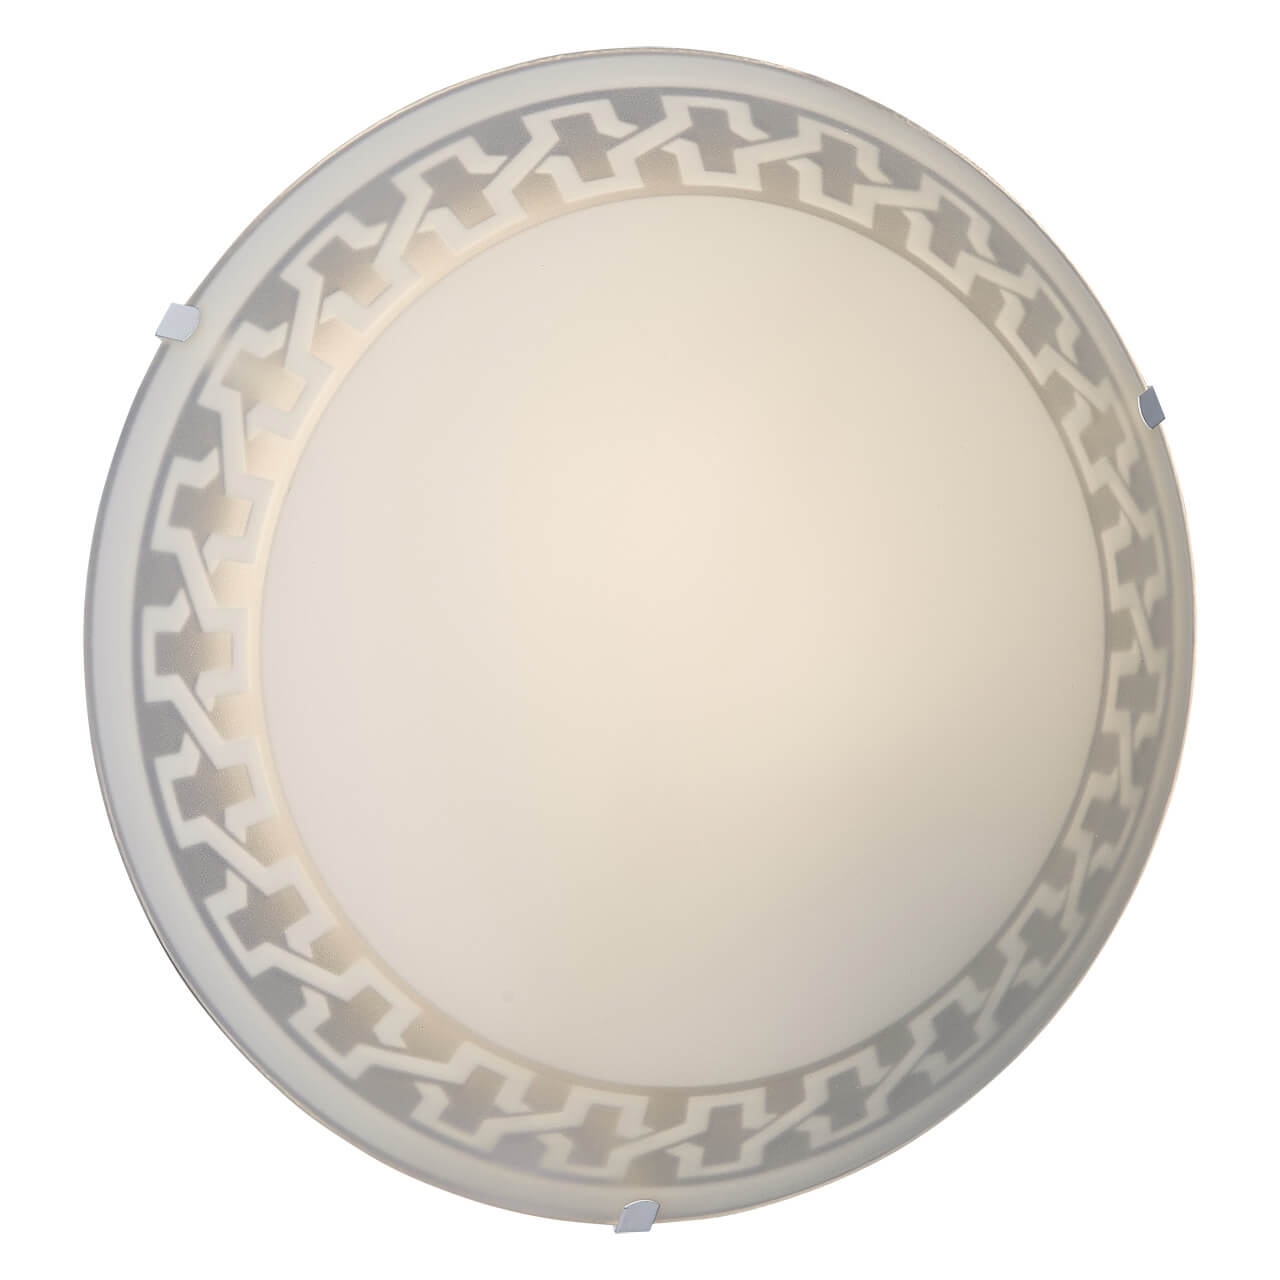 Потолочный светильник Sonex Vassa 1203/L sonex vassa 1203 a